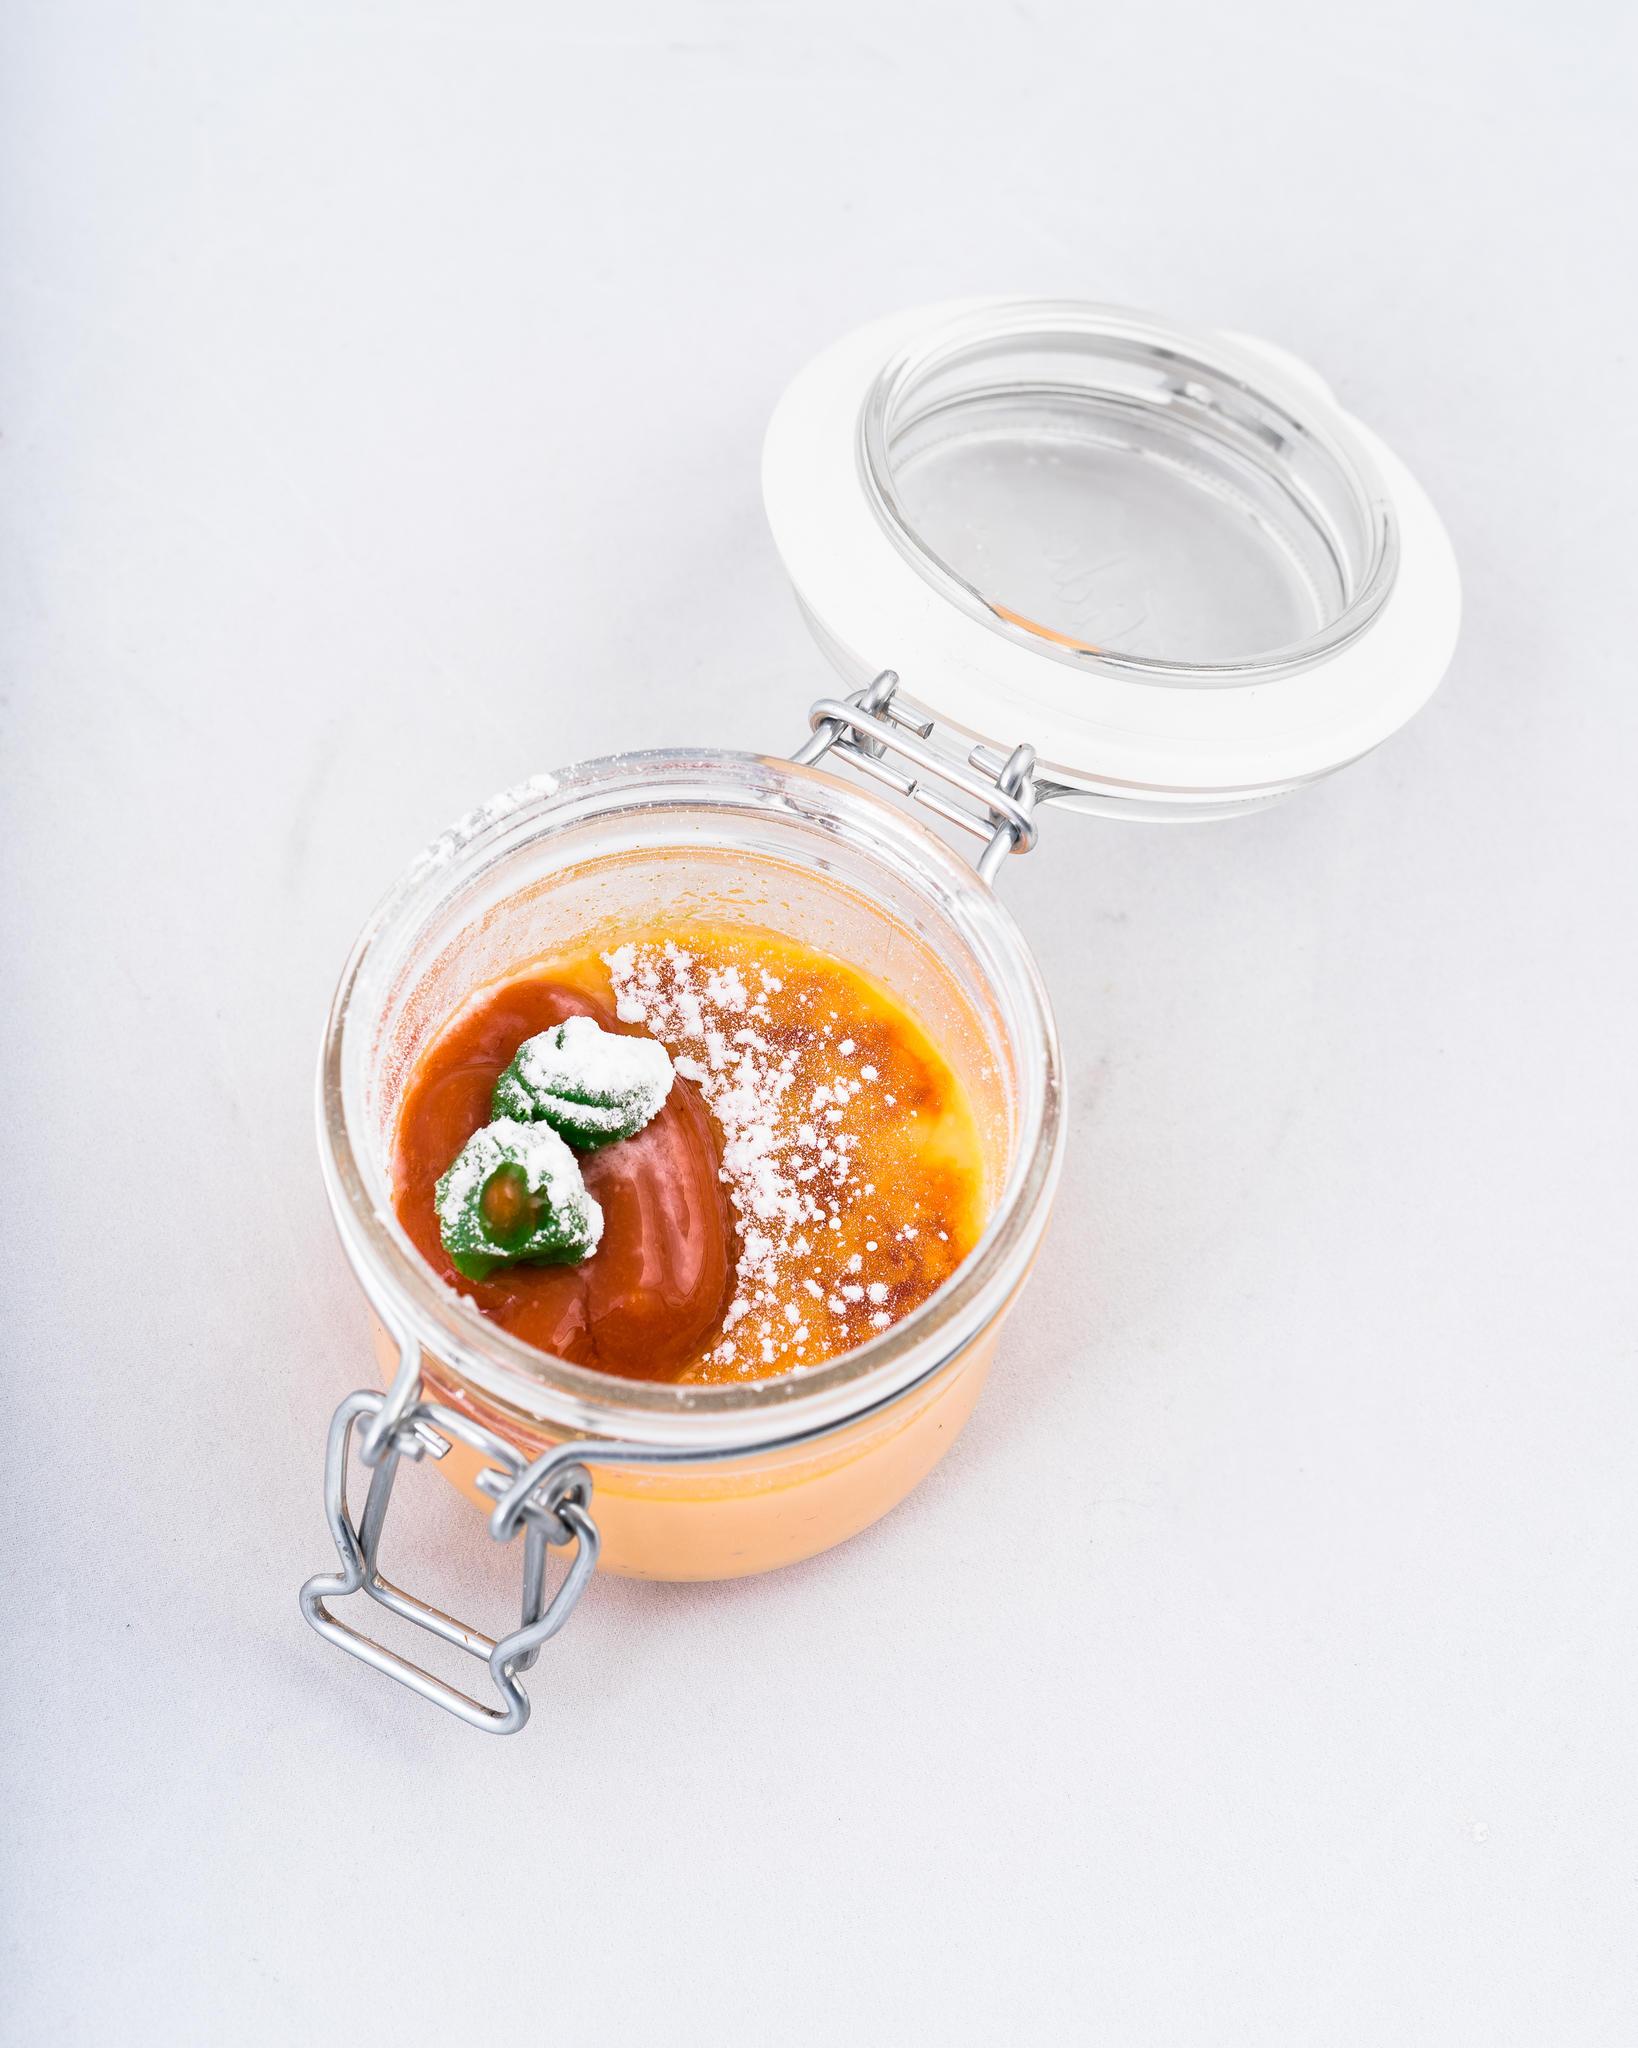 Porgandi Crème brûlèe